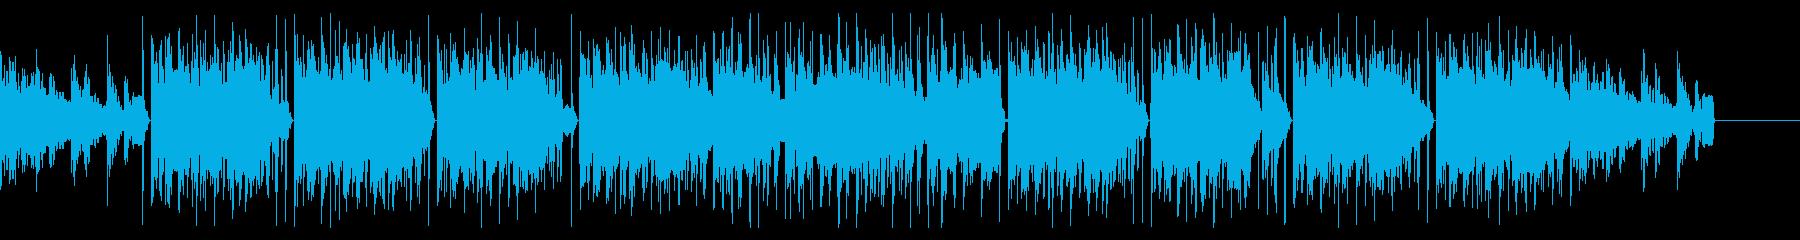 優しいメロディのまどろむ様なヒップホップの再生済みの波形